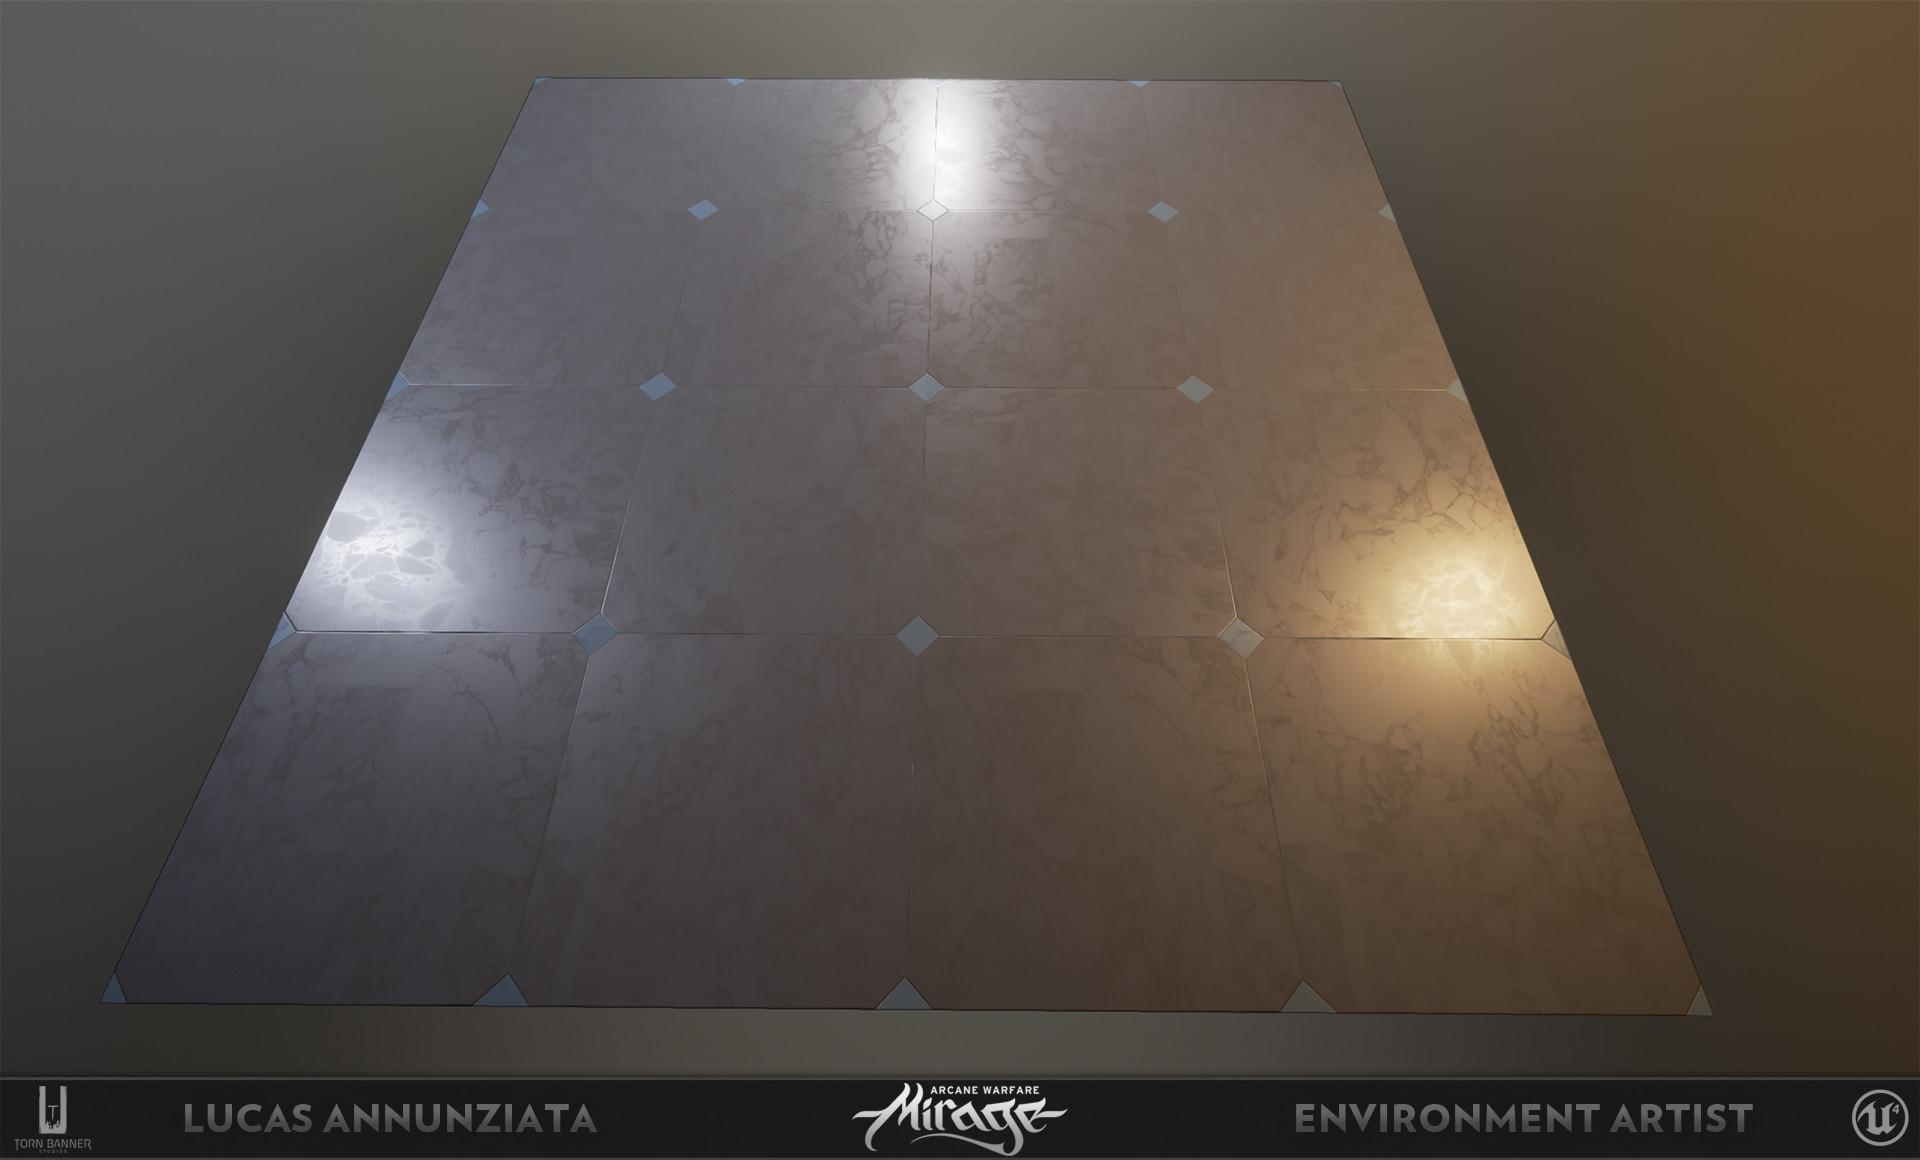 Lucas annunziata marble 10